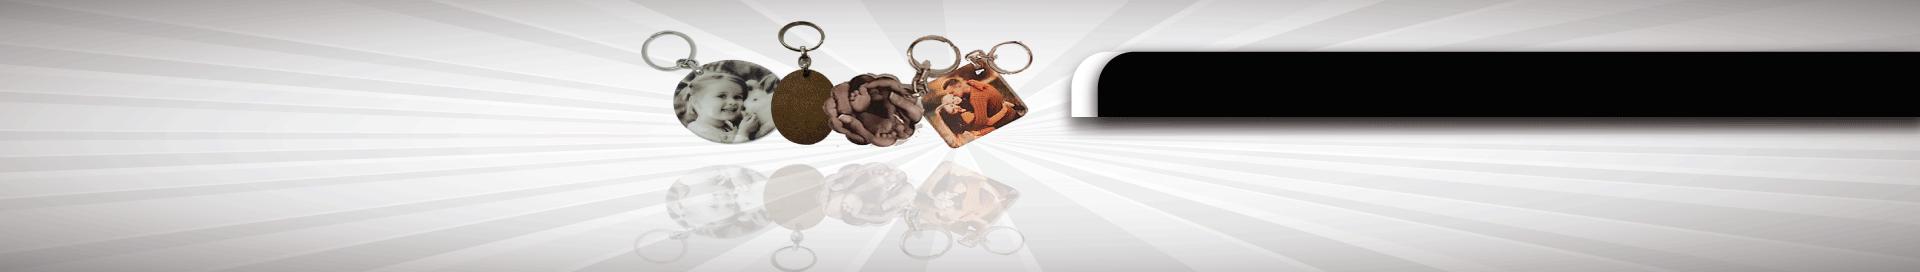 מחזיקי מפתחות מעוצבים - פרספקס ועץ